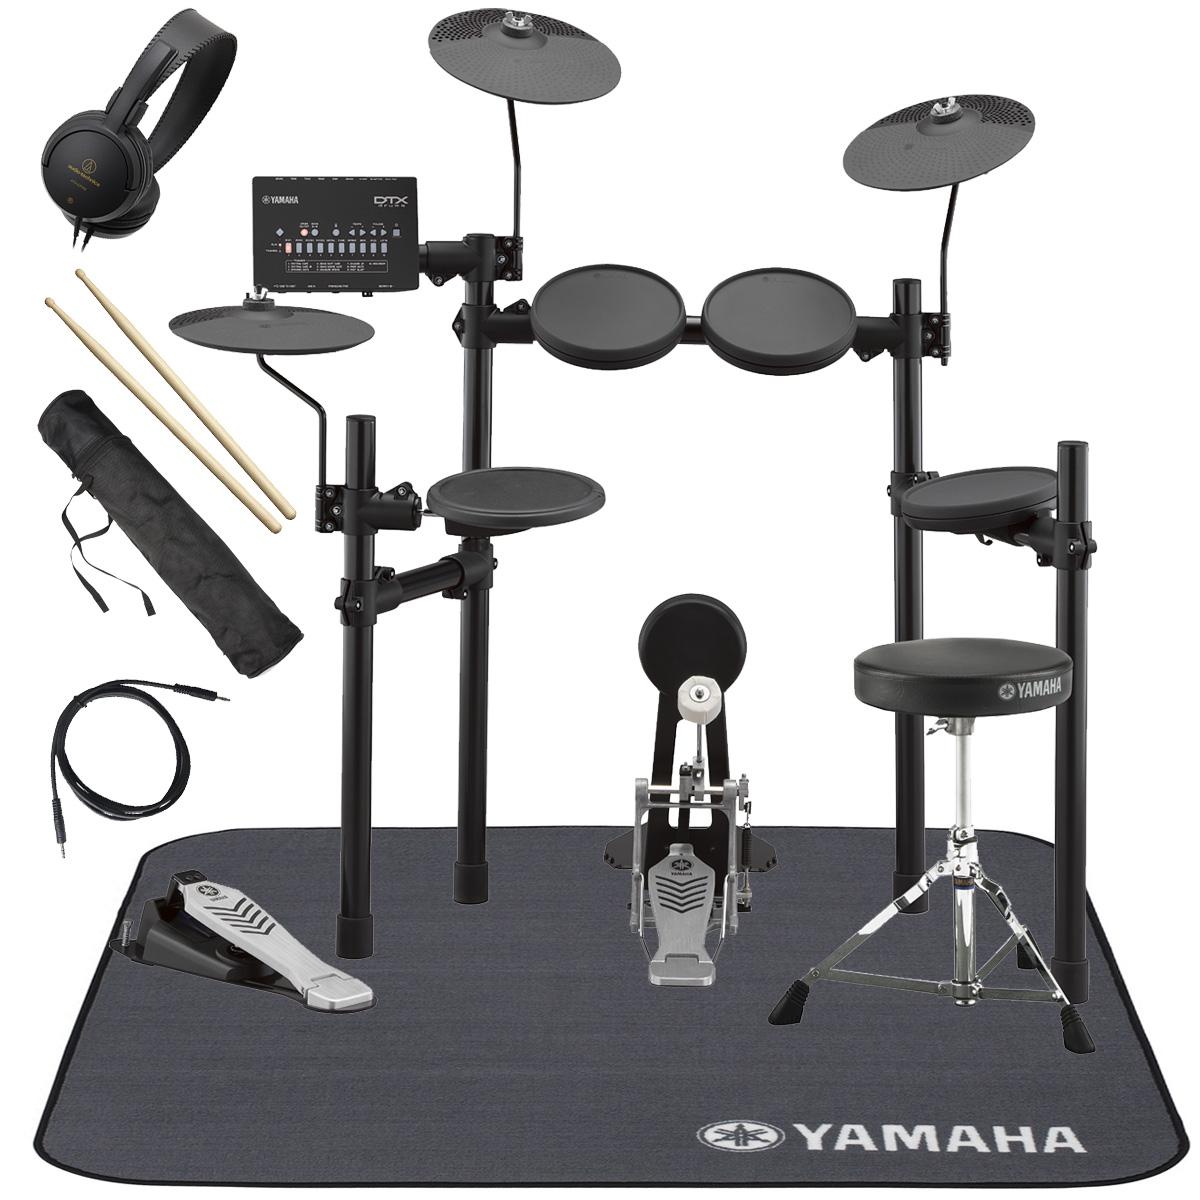 YAMAHA / DTX452KS 電子ドラム 純正マット付き オリジナルスターターパック【YRK】